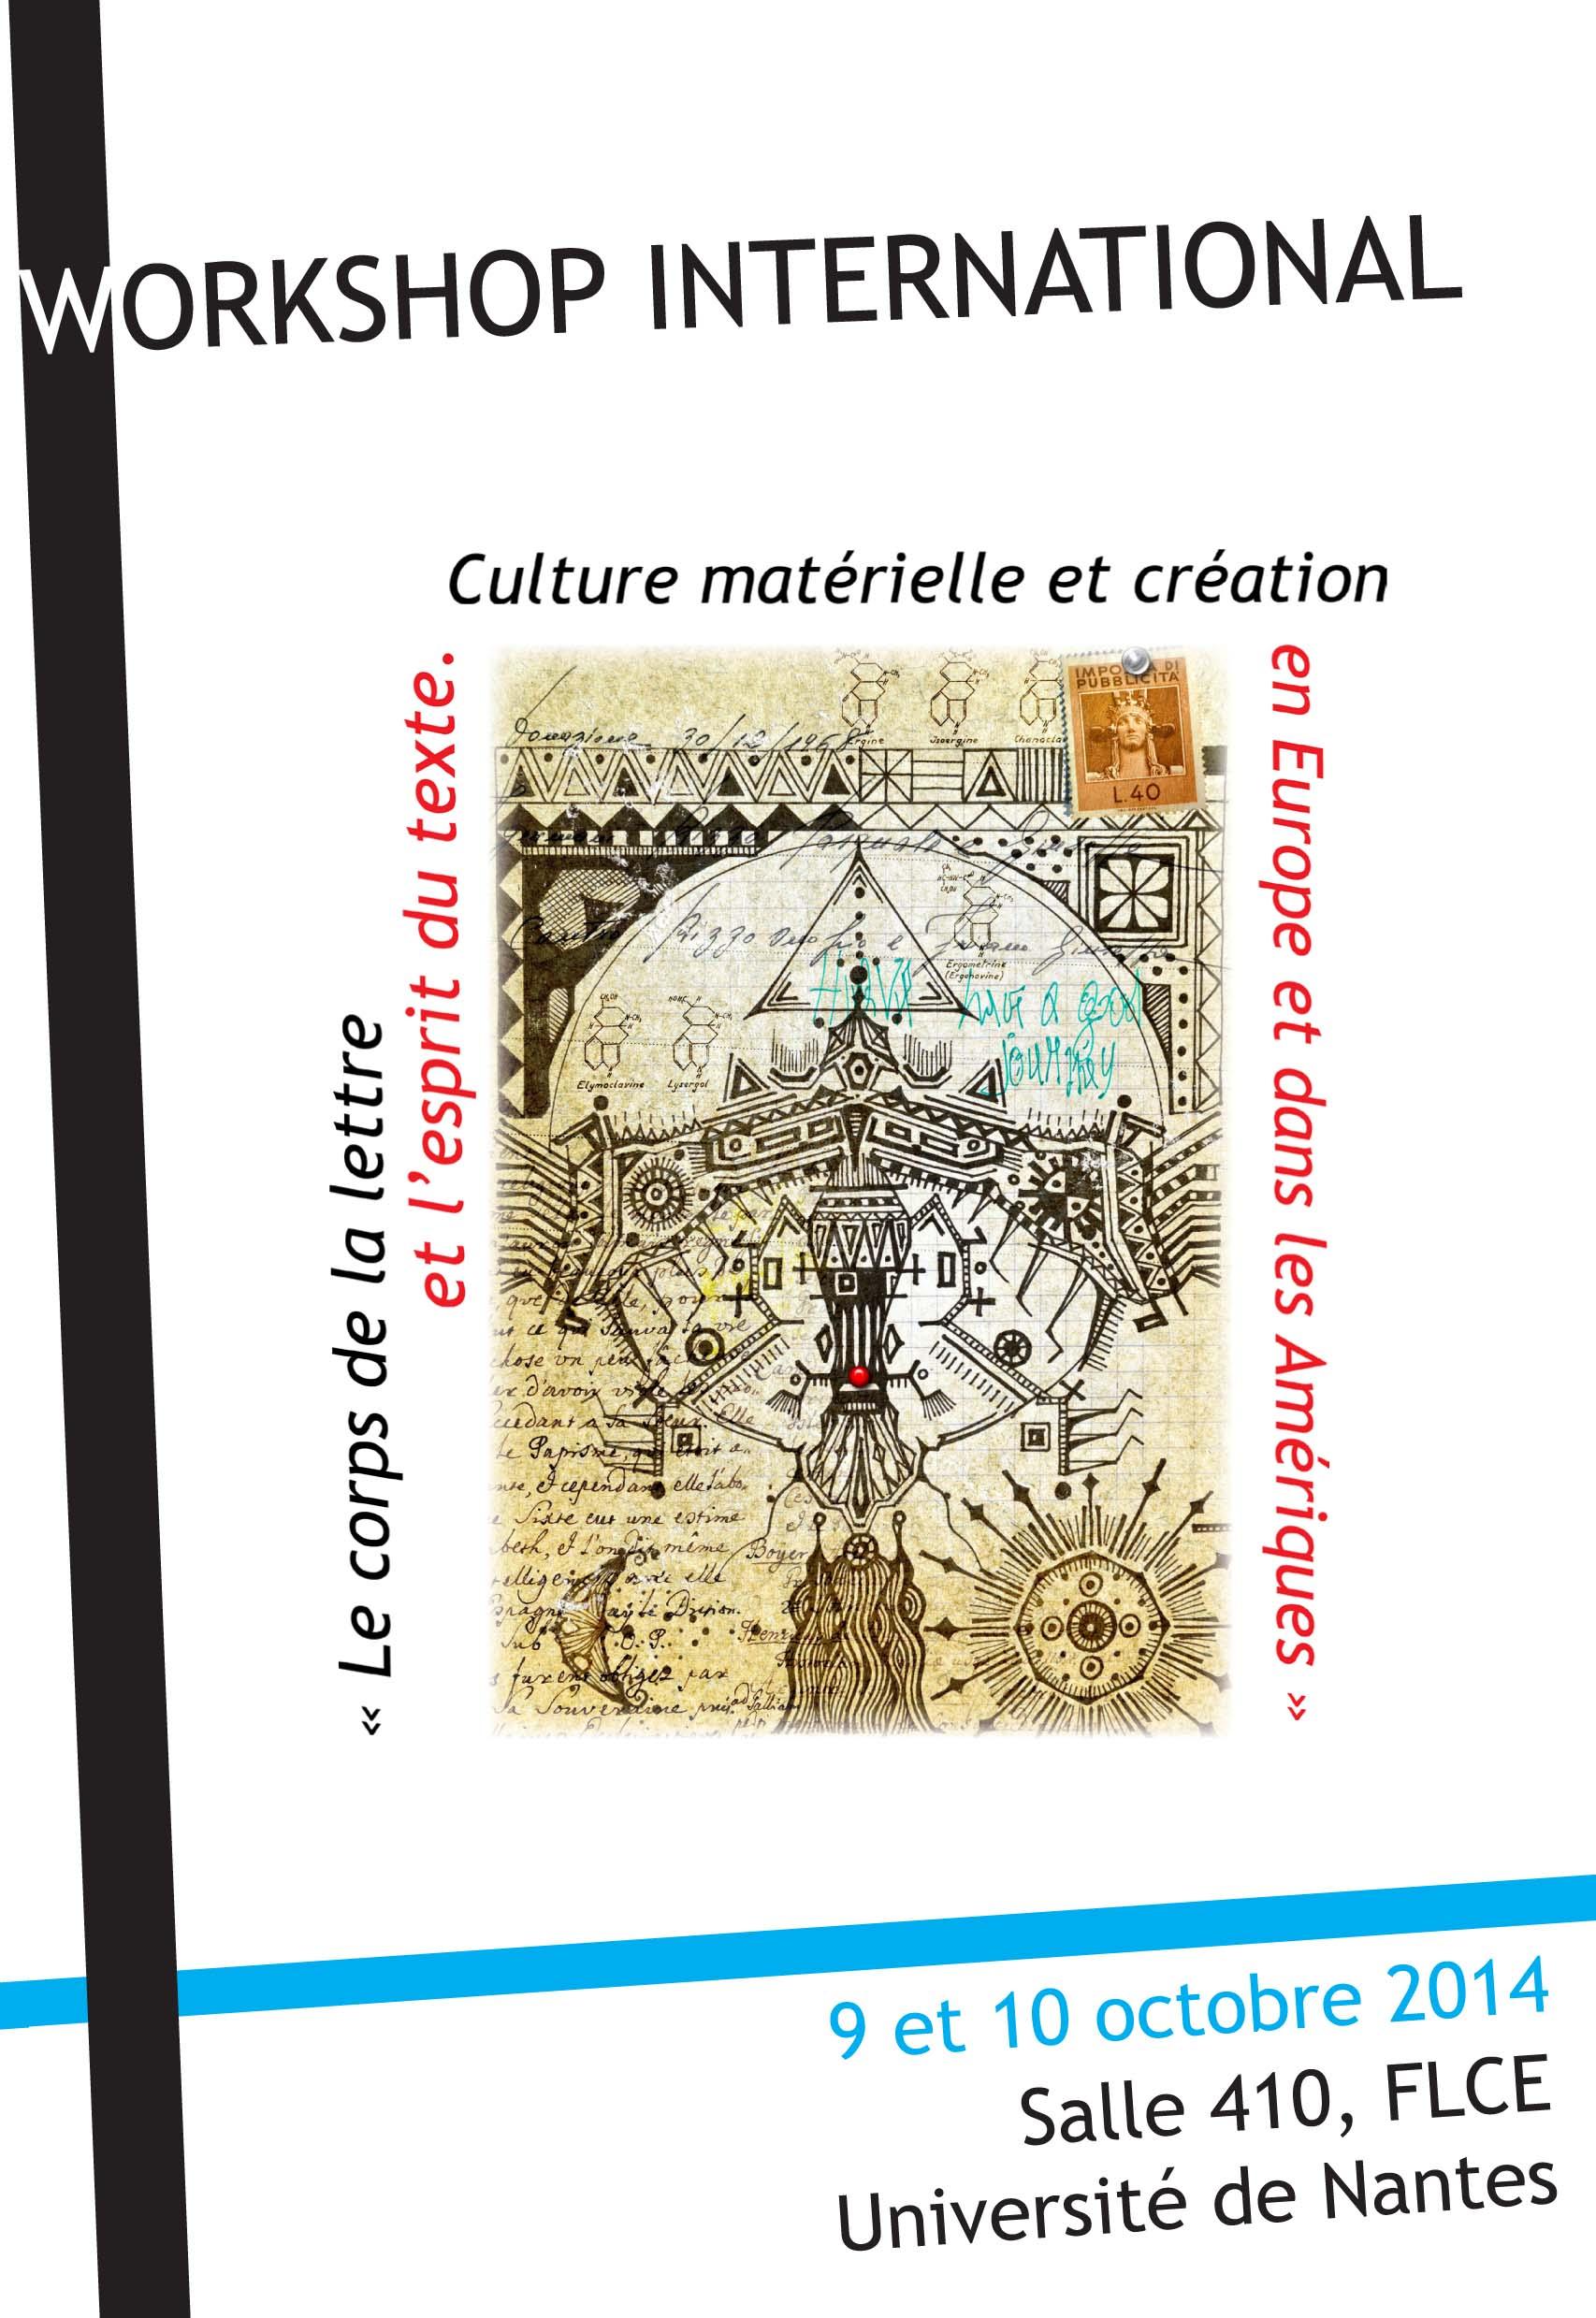 Programme du workshop international